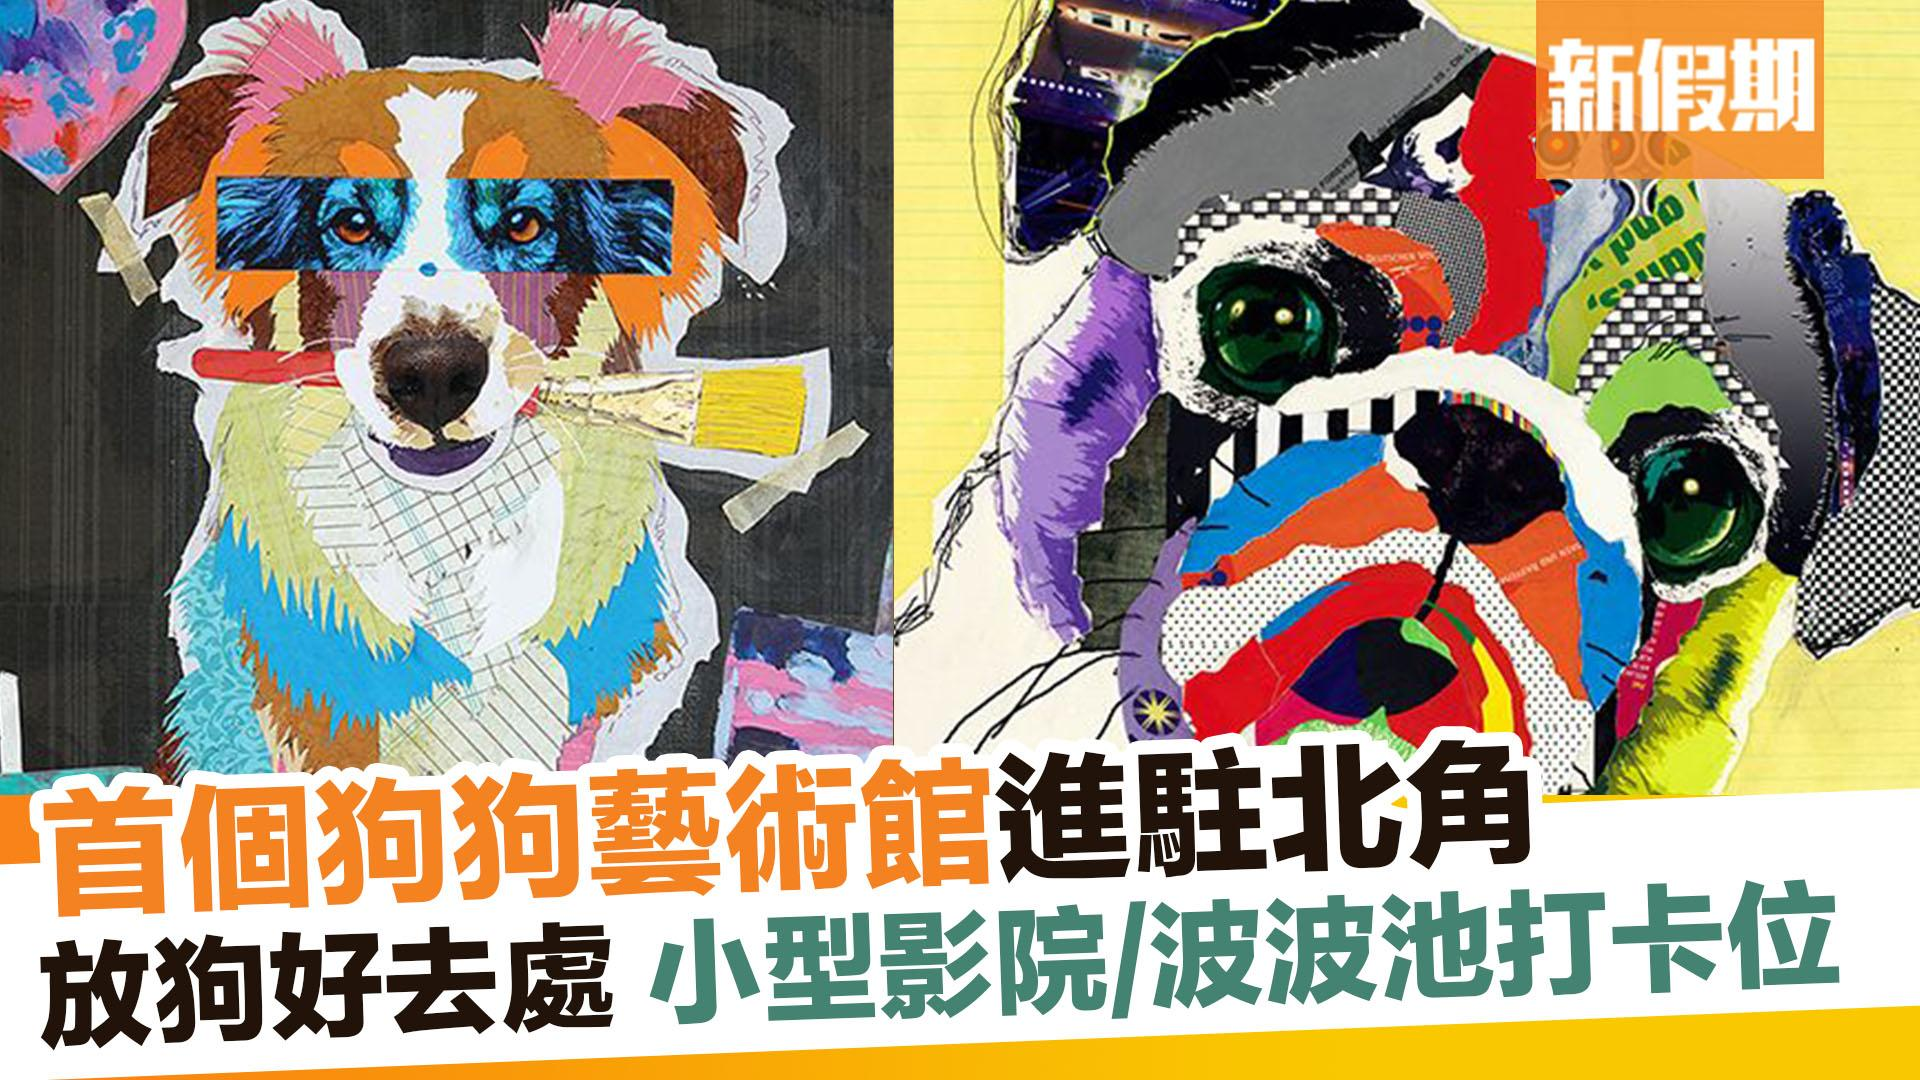 【香港好去處】首個狗狗現代藝術館《愛犬.美術館》 登陸北角! 新假期